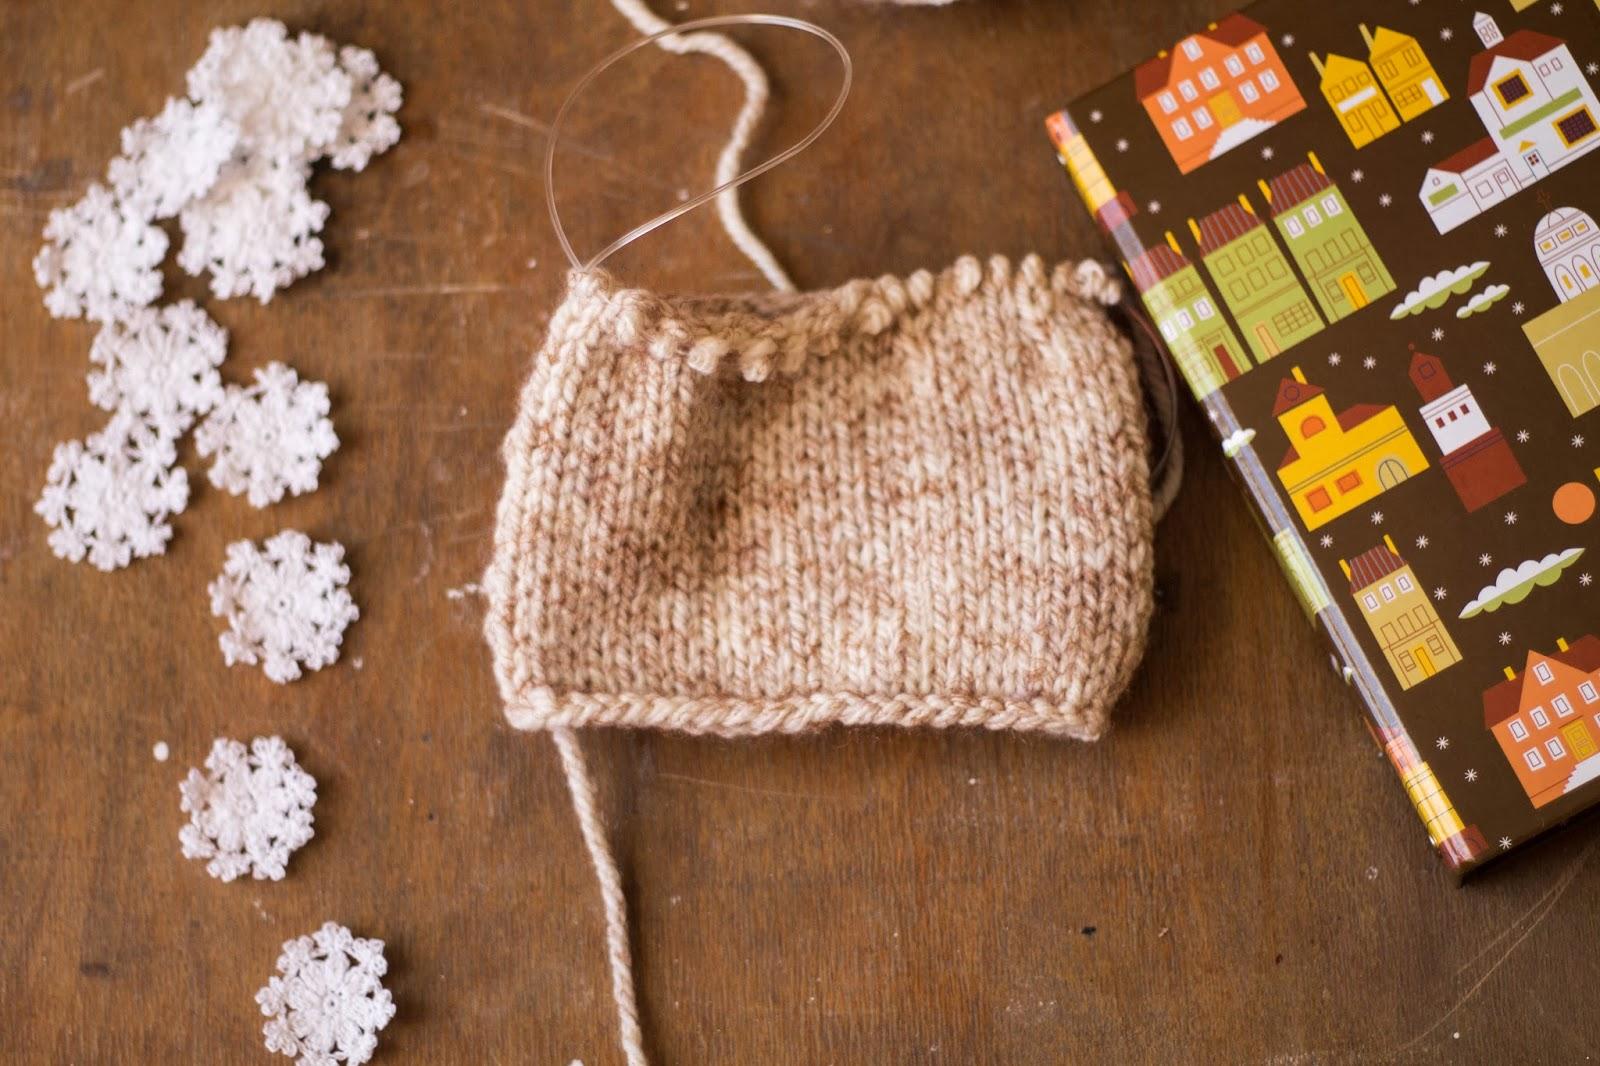 вязанные снежинки, снежинка крючком, варежки, вязанные варежки, одежда на кружку, необычный подарок, красивые фото